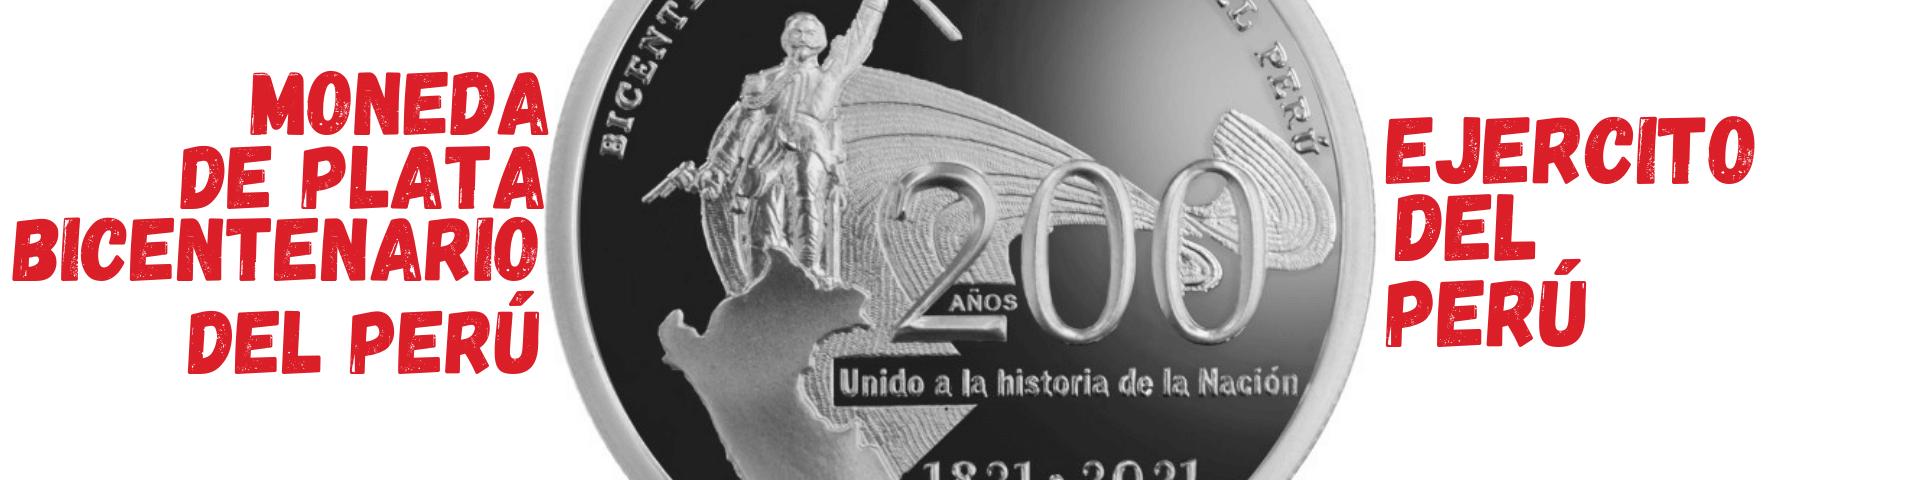 moneda de plata conmemorativa del bicentenario del ejercito del peru